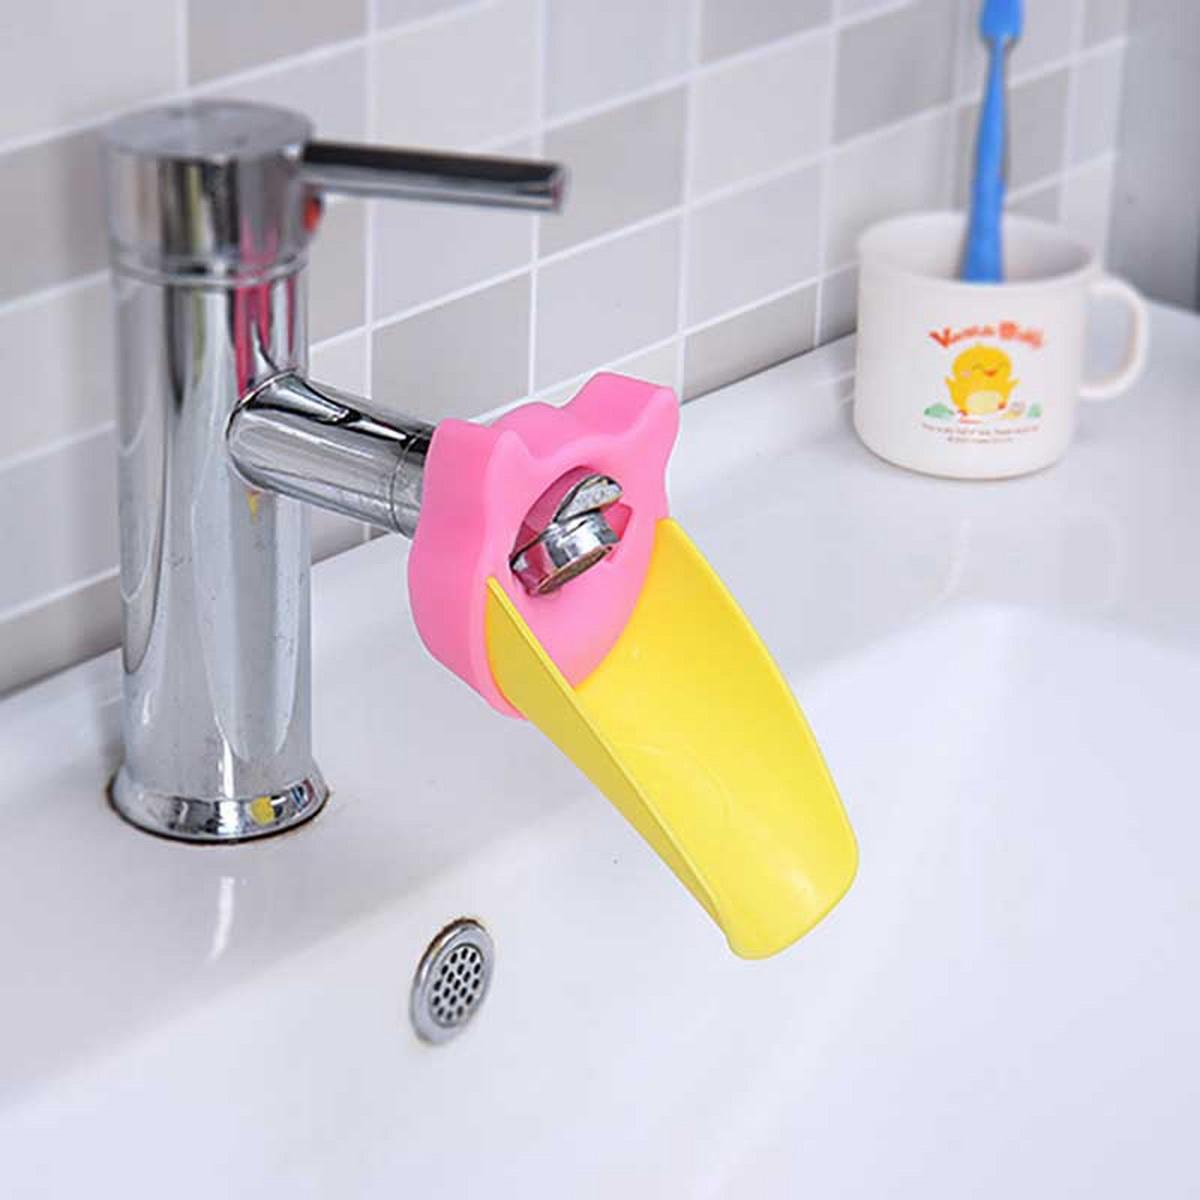 Малыши, которые хотят мыть руки сами – это радость! Но часто они еще не могут дотянуться до струи воды и родителям приходится приподнимать и держать плюхающегося кроху. А это уже неудобно и тяжело. Насадка на кран детская «ПЛЮХ» - веселый пластиковый аксессуар, который направит воду из крана ближе к ребенку! Мягкое крепление насадки на кран позволяет быстро снимать и одевать ее, чтобы всем членам семьи было удобно! Насадка на кран «ПЛЮХ» поможет малышу чувствовать себя увереннее и может привлечет к чистке зубов или что там он не любит делать! Габариты в собранном виде: 12*9*7,5 см. Вес: 50 г. Материал: ПВХ, силикон. Инструкция на русском языке.